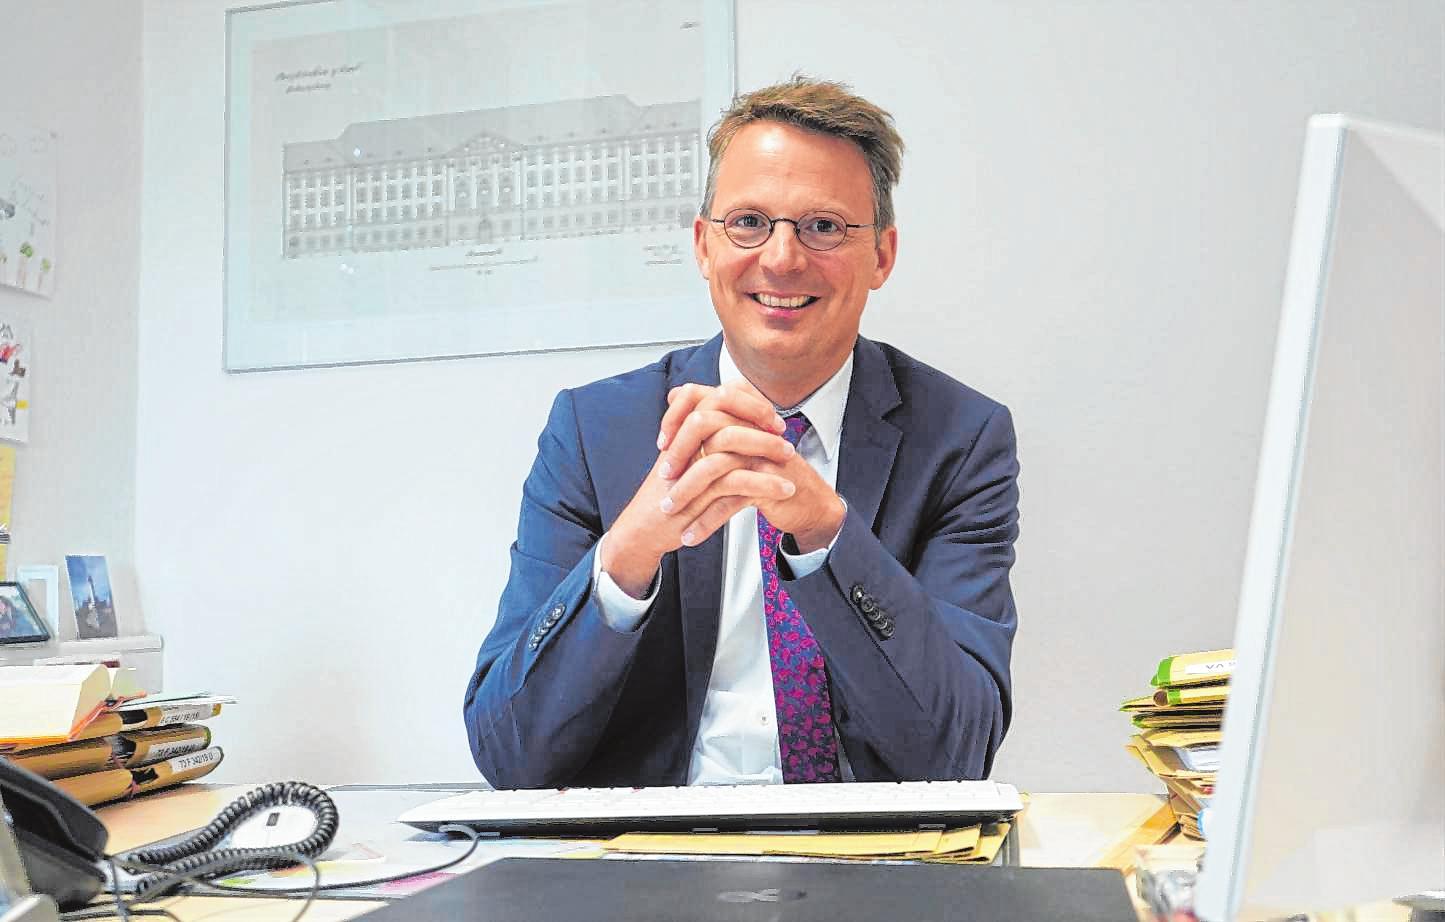 Amtsgerichtsdirektor Felix Kunkel an seinem Schreibtisch in Bensheim. Bild: Thomas Zelinger